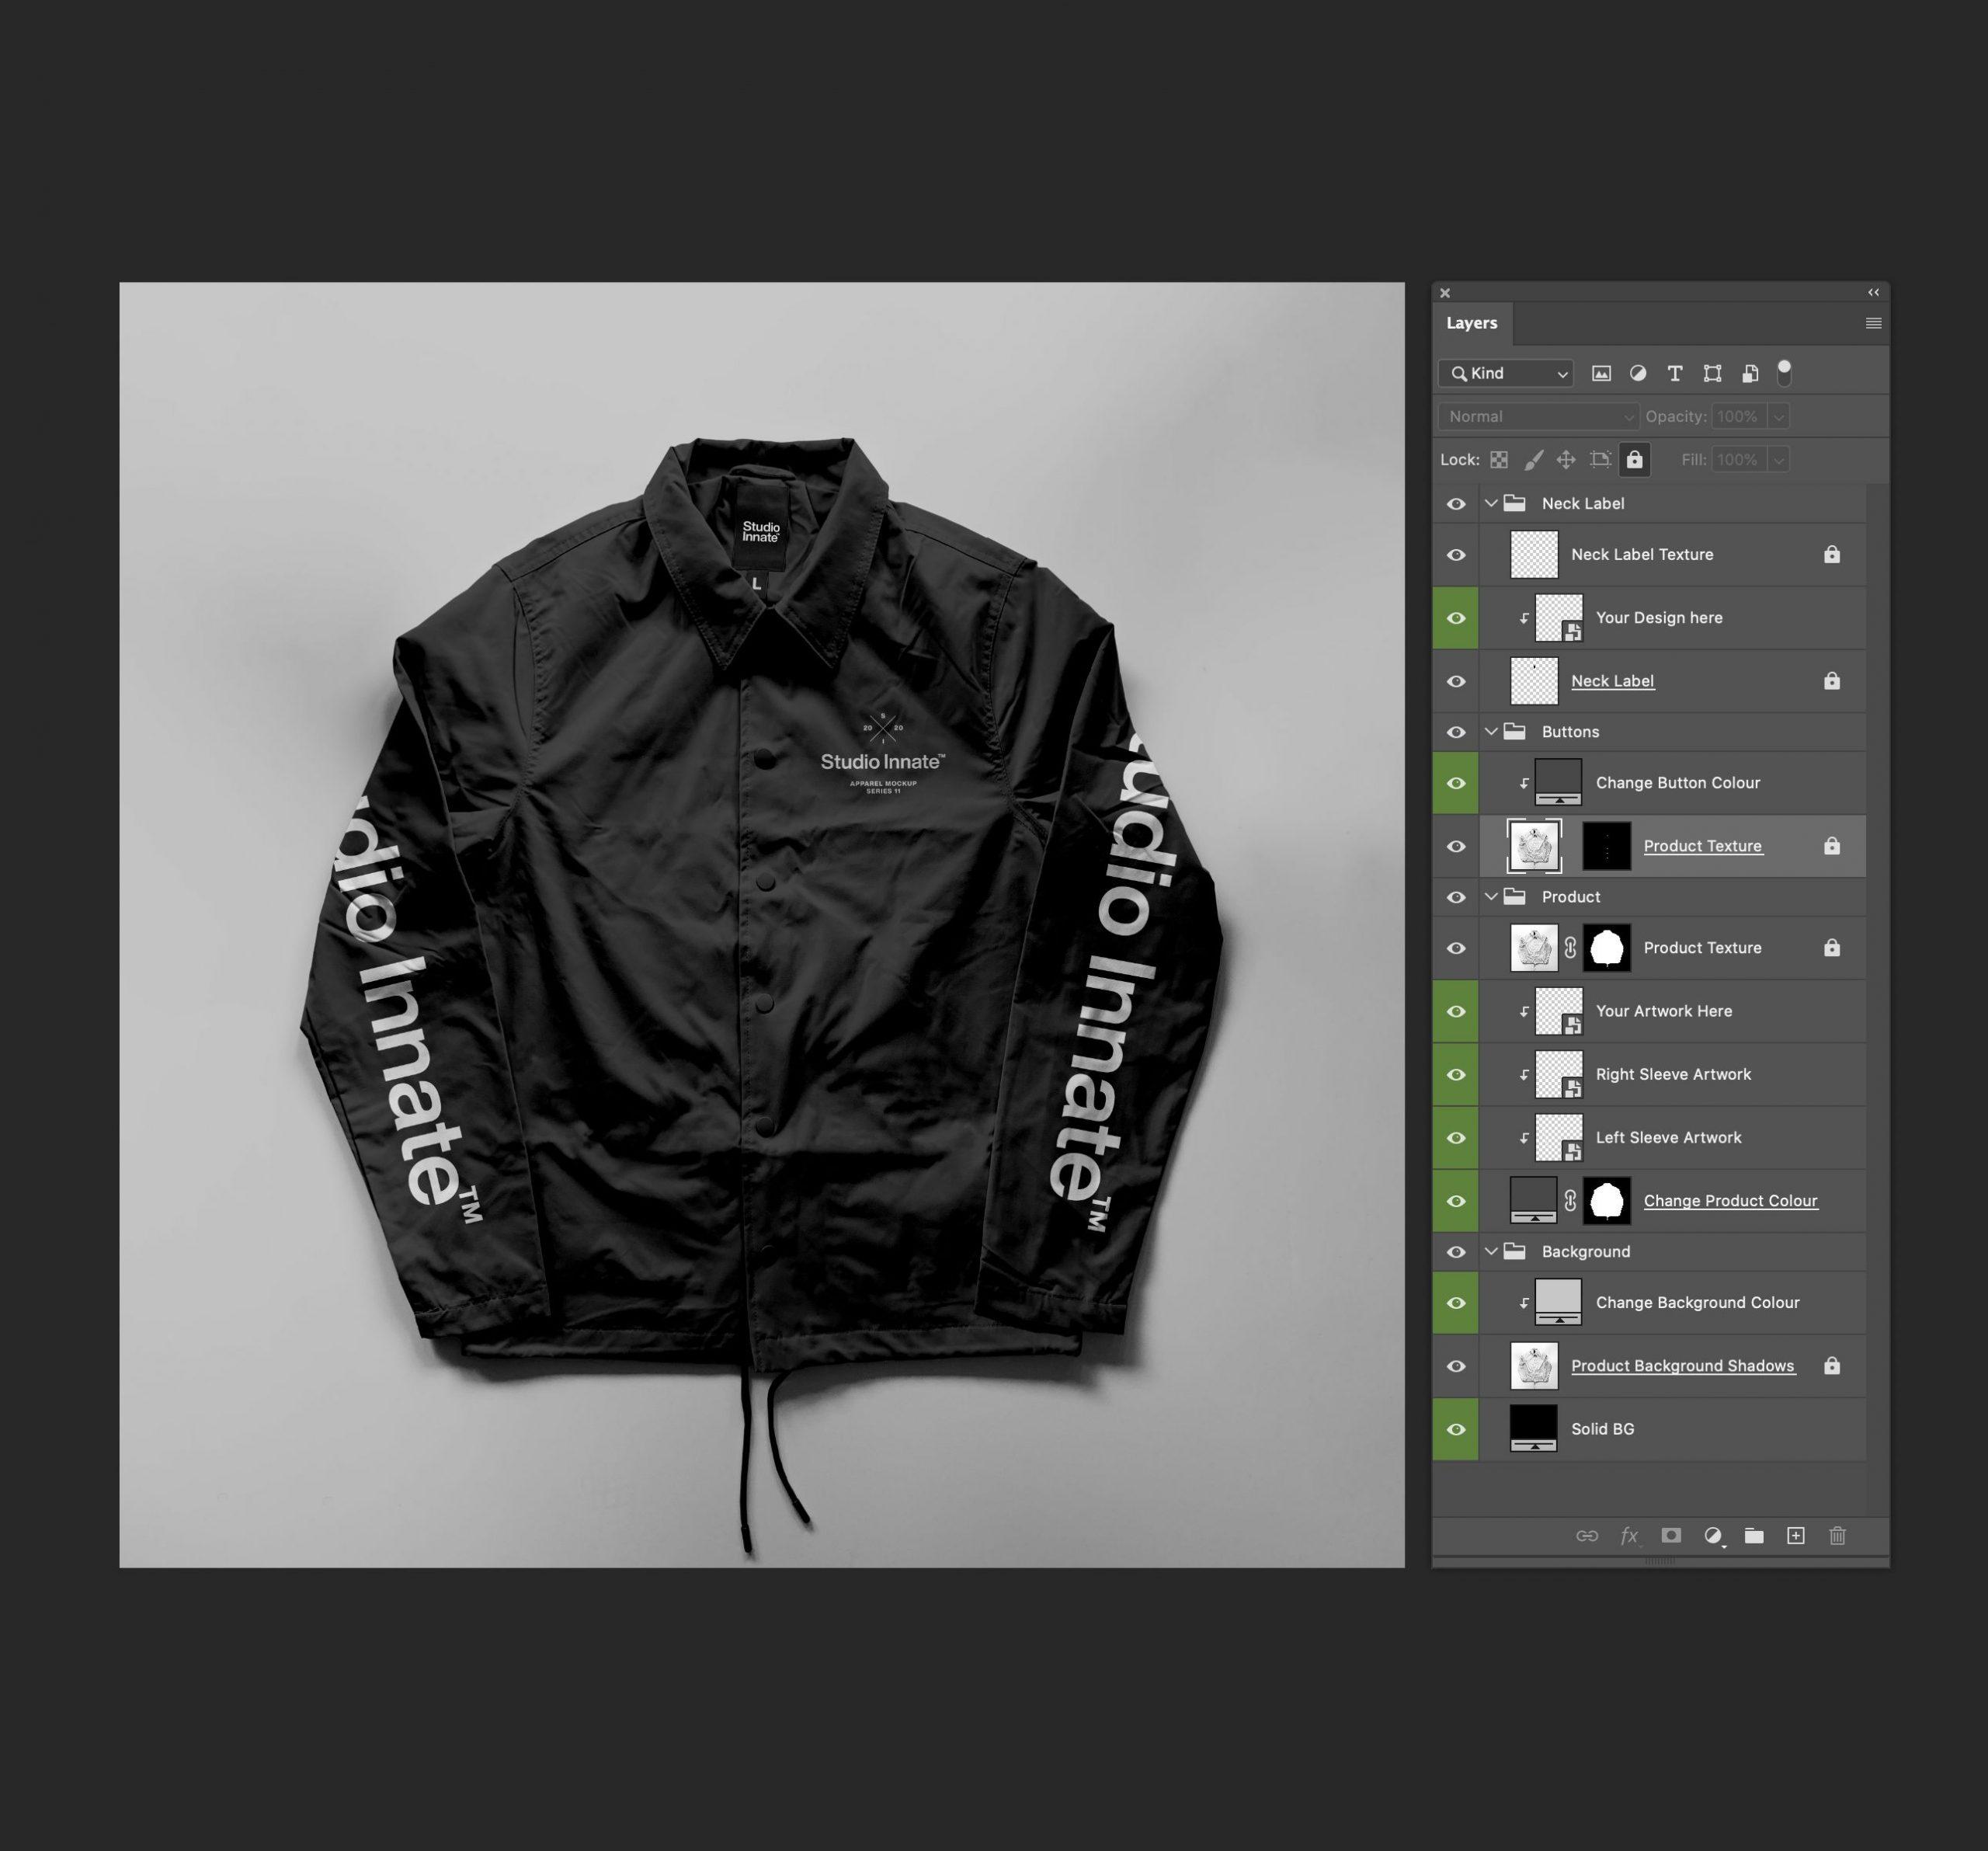 教练长袖夹克衫设计展示样机模板合集 Coach Jacket – Mockup Bundle插图(10)